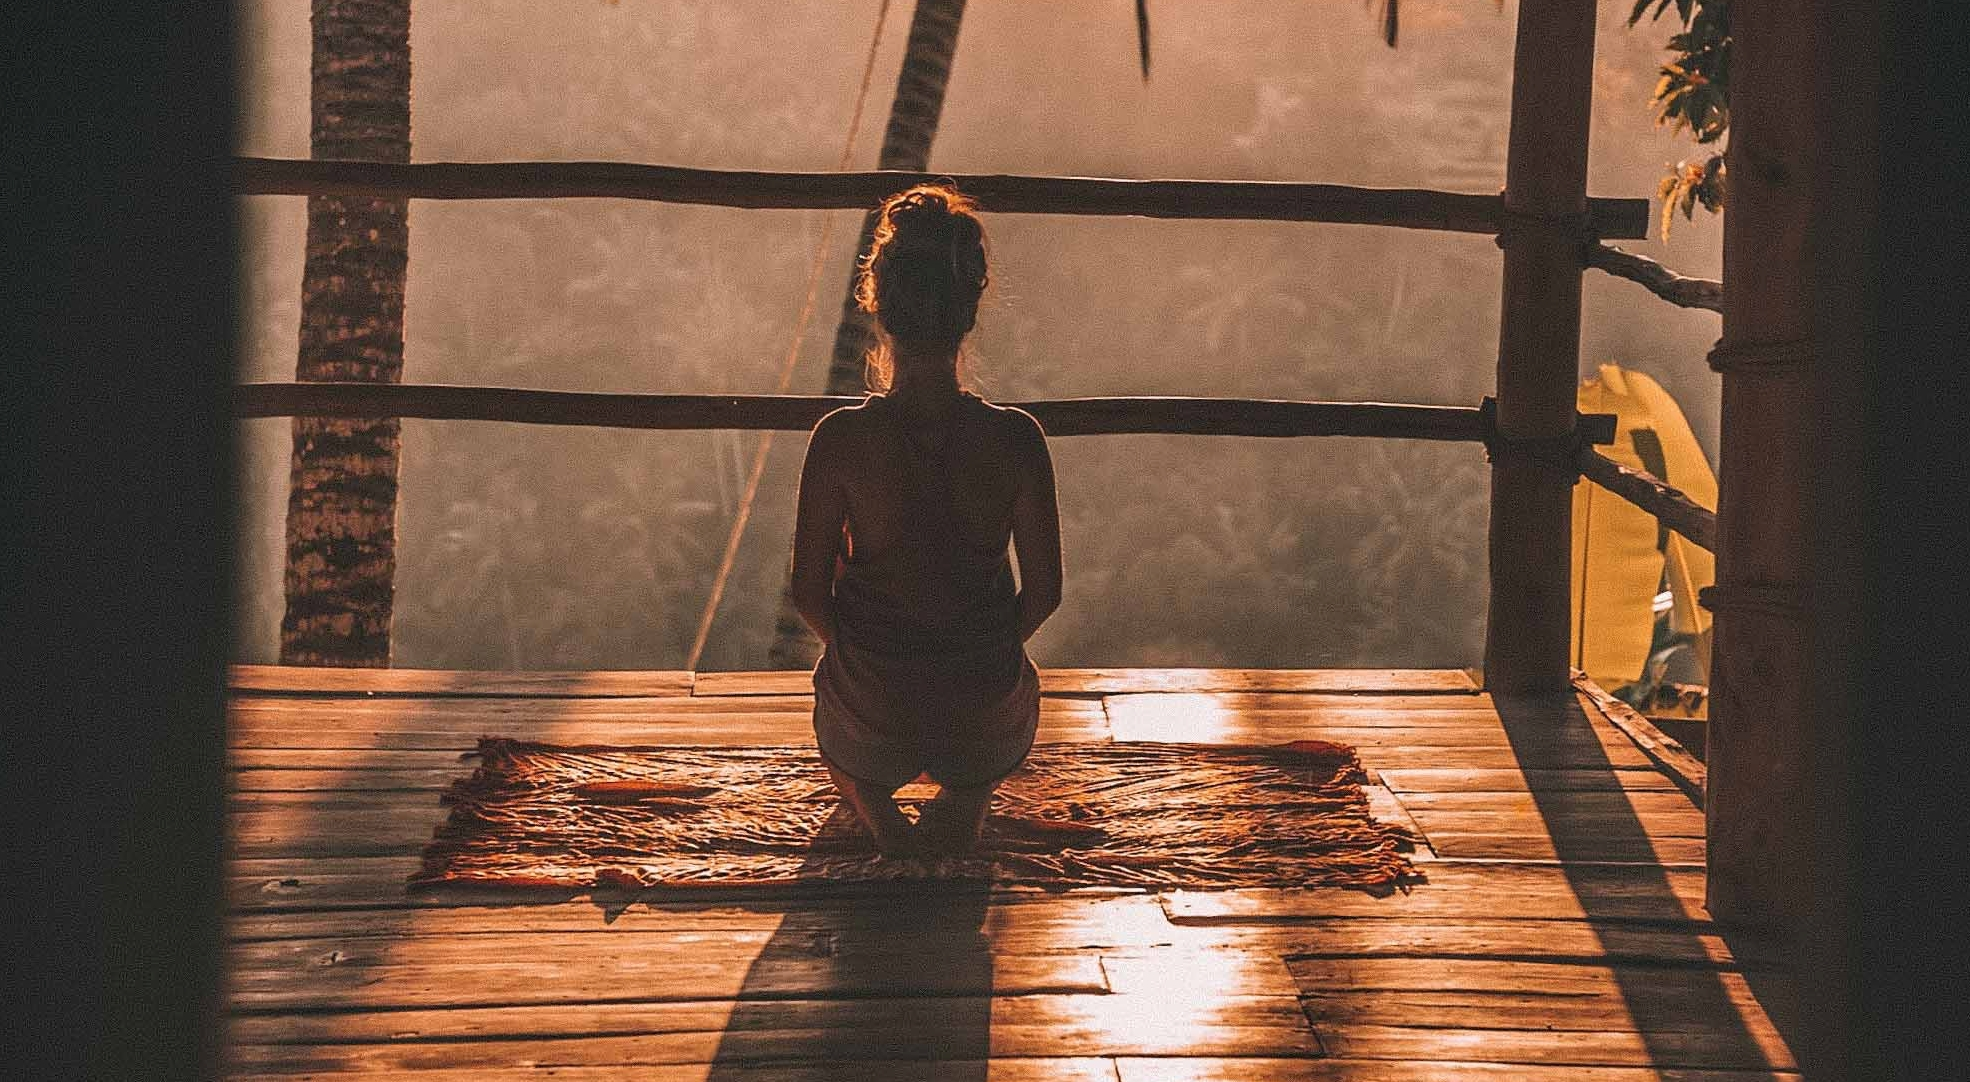 ヴィパッサナー瞑想のやり方